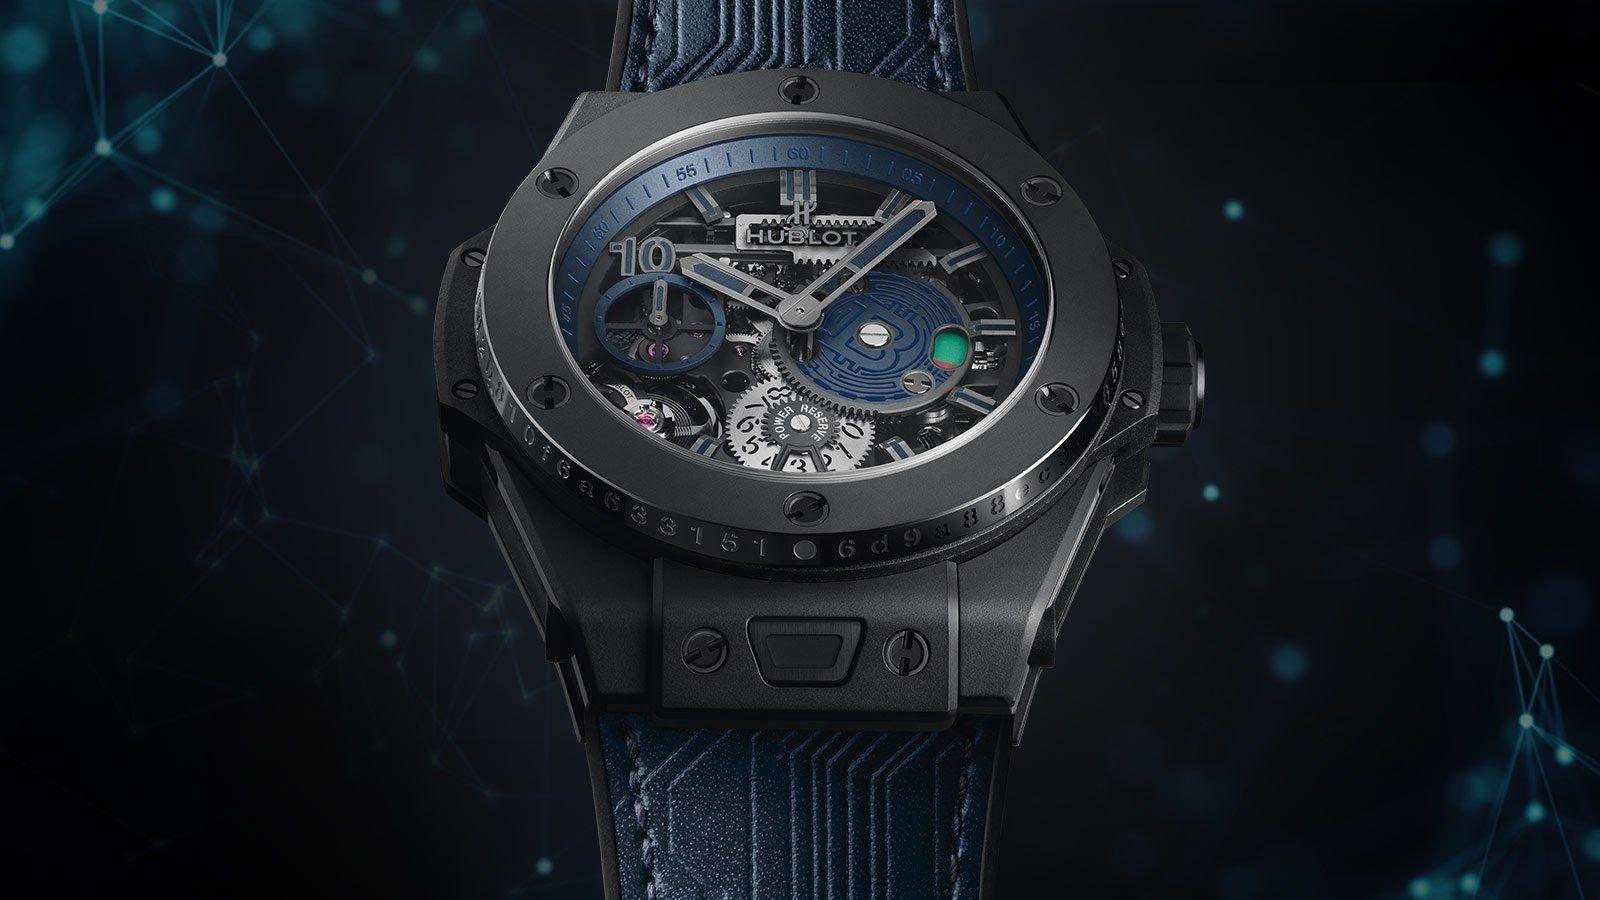 الصفحة غير متاحه Hublot Swiss Luxury Watches Watches For Men